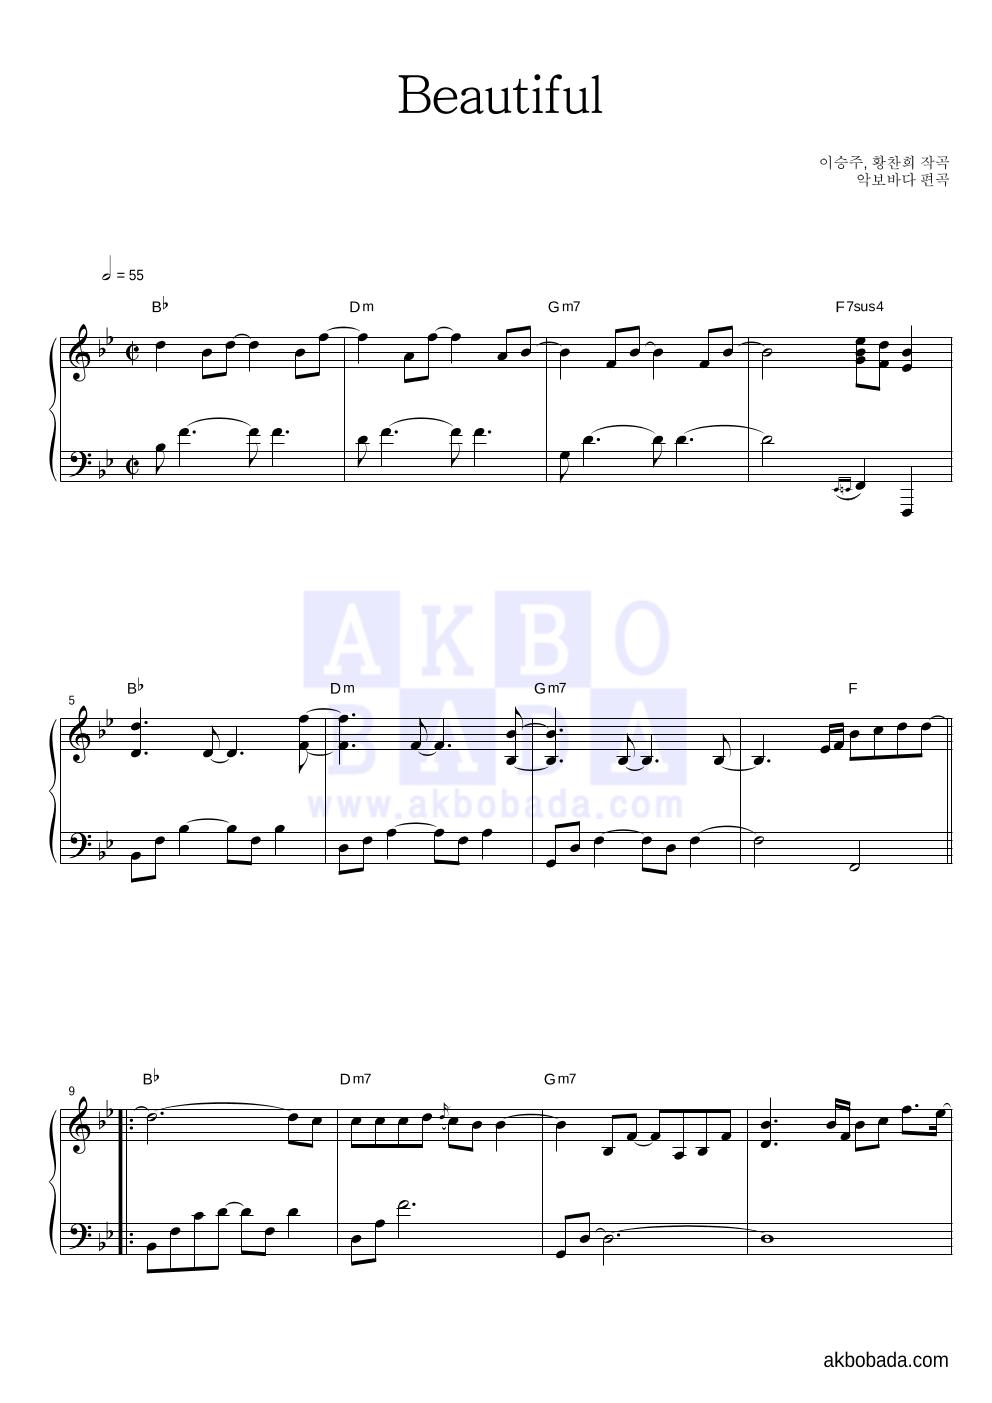 크러쉬 - Beautiful 피아노 마스터 악보